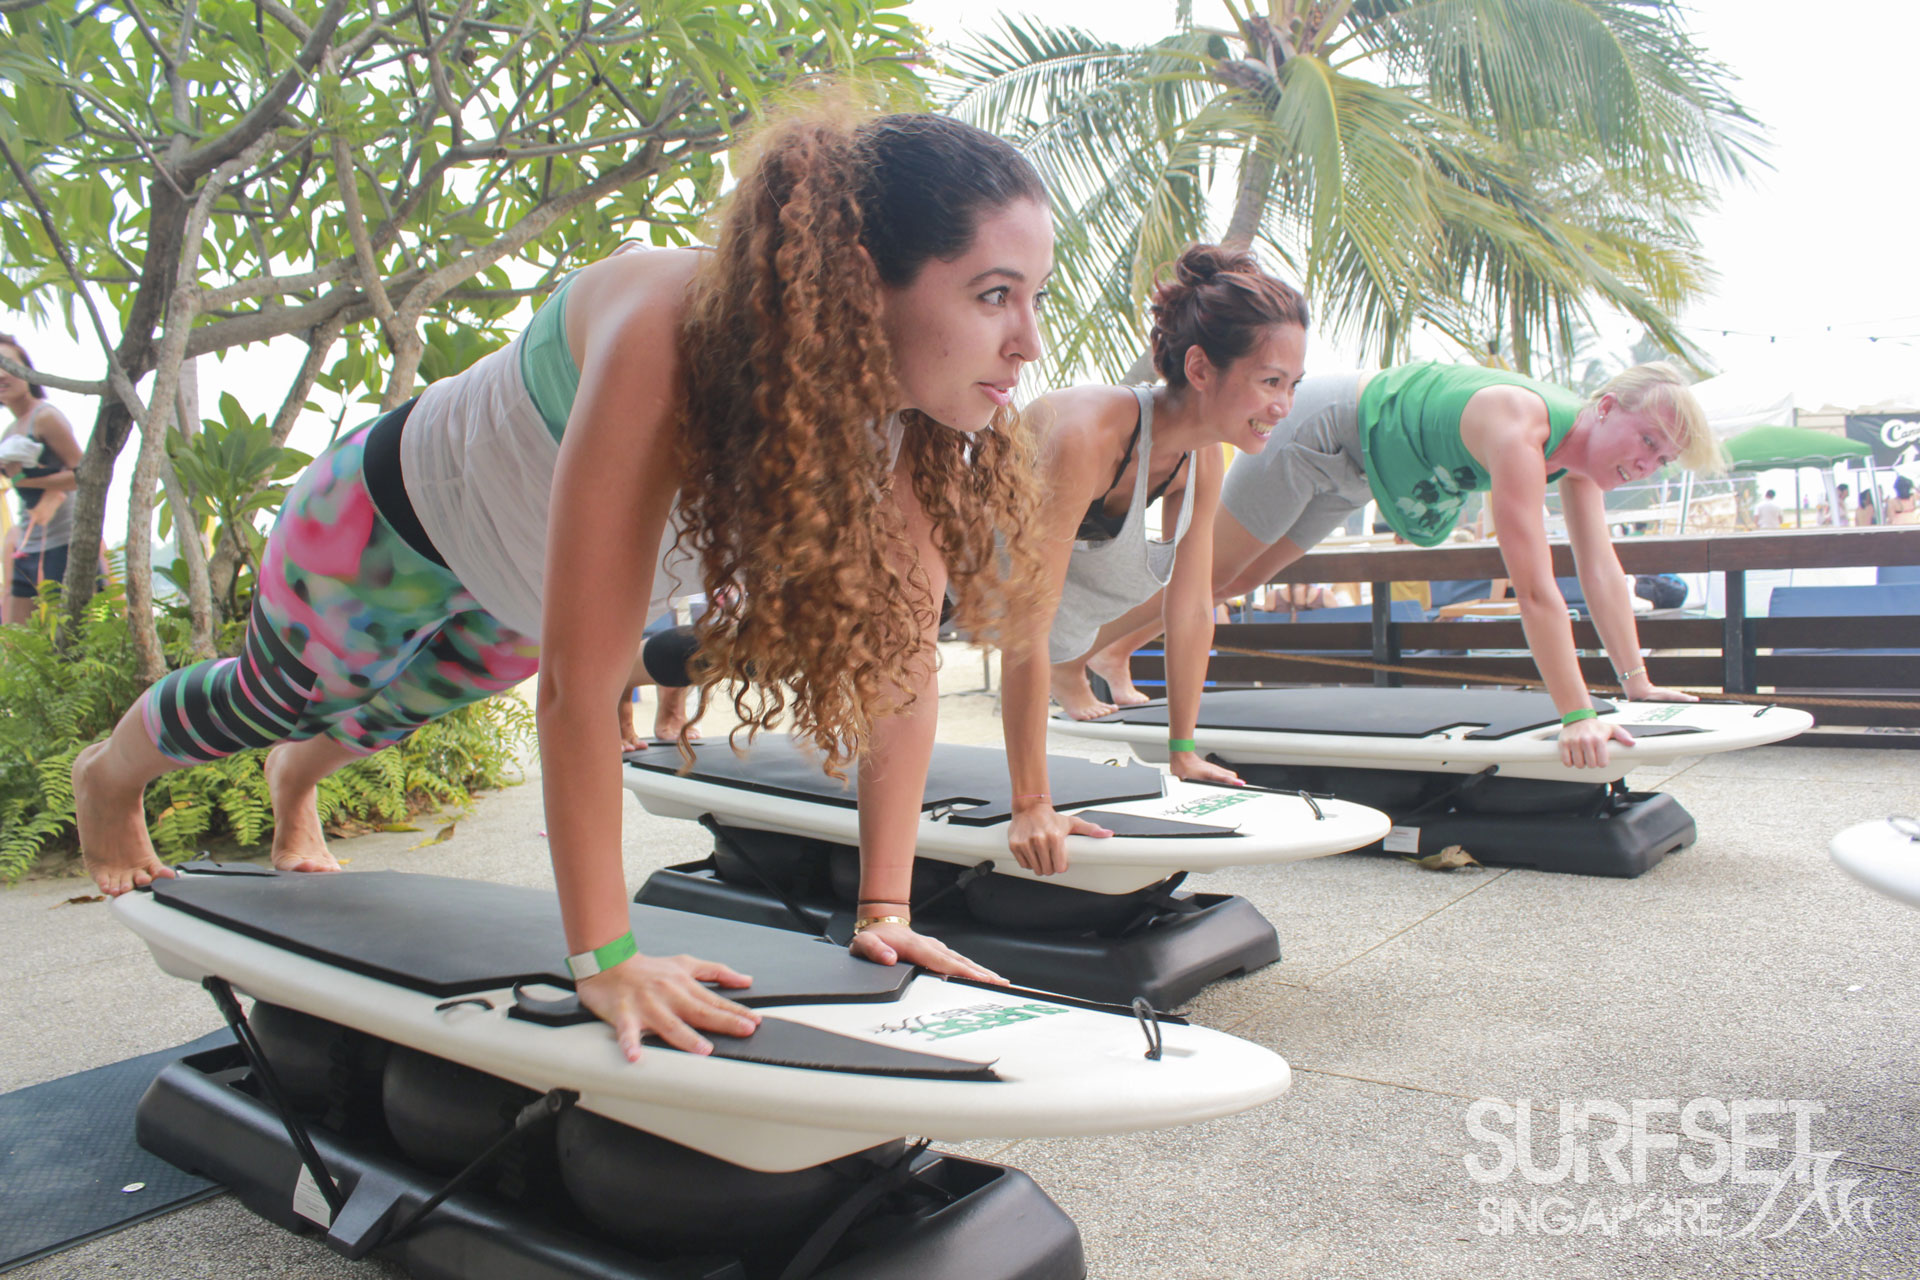 Soulscape 2015 Surfset Core training